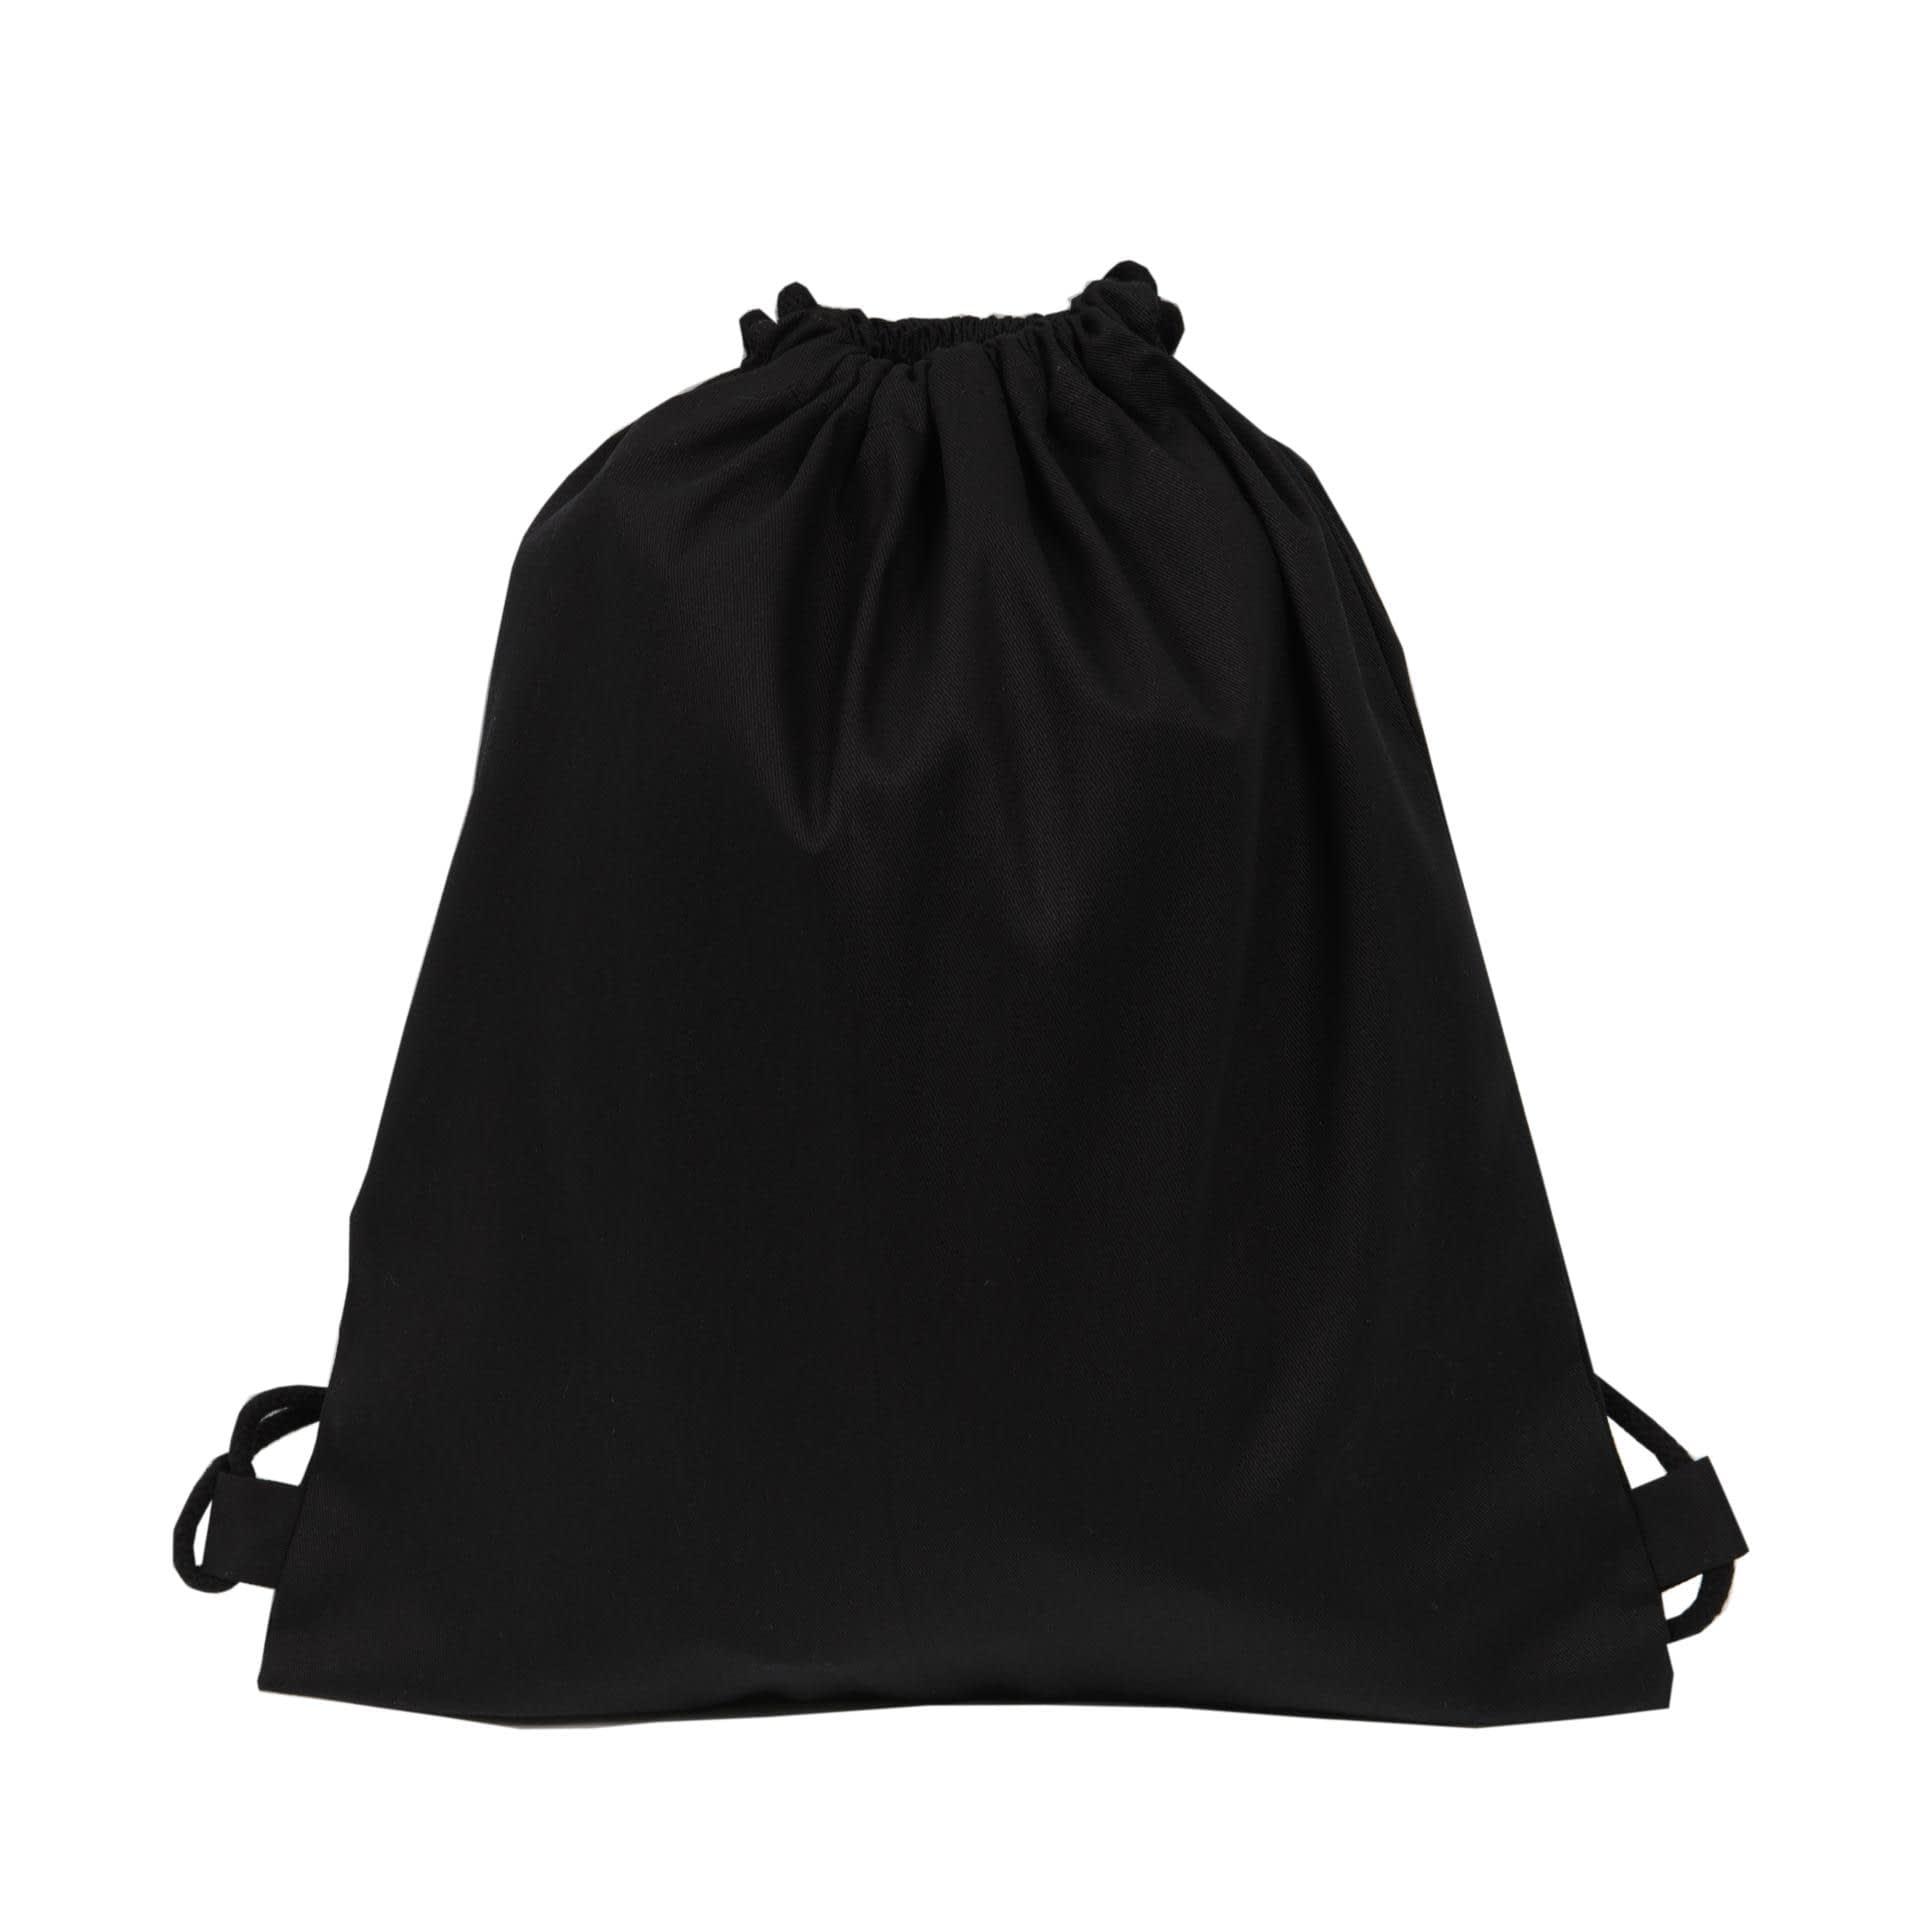 Ткани экосумка - Эко рюкзак саржа 38х42 см. черный